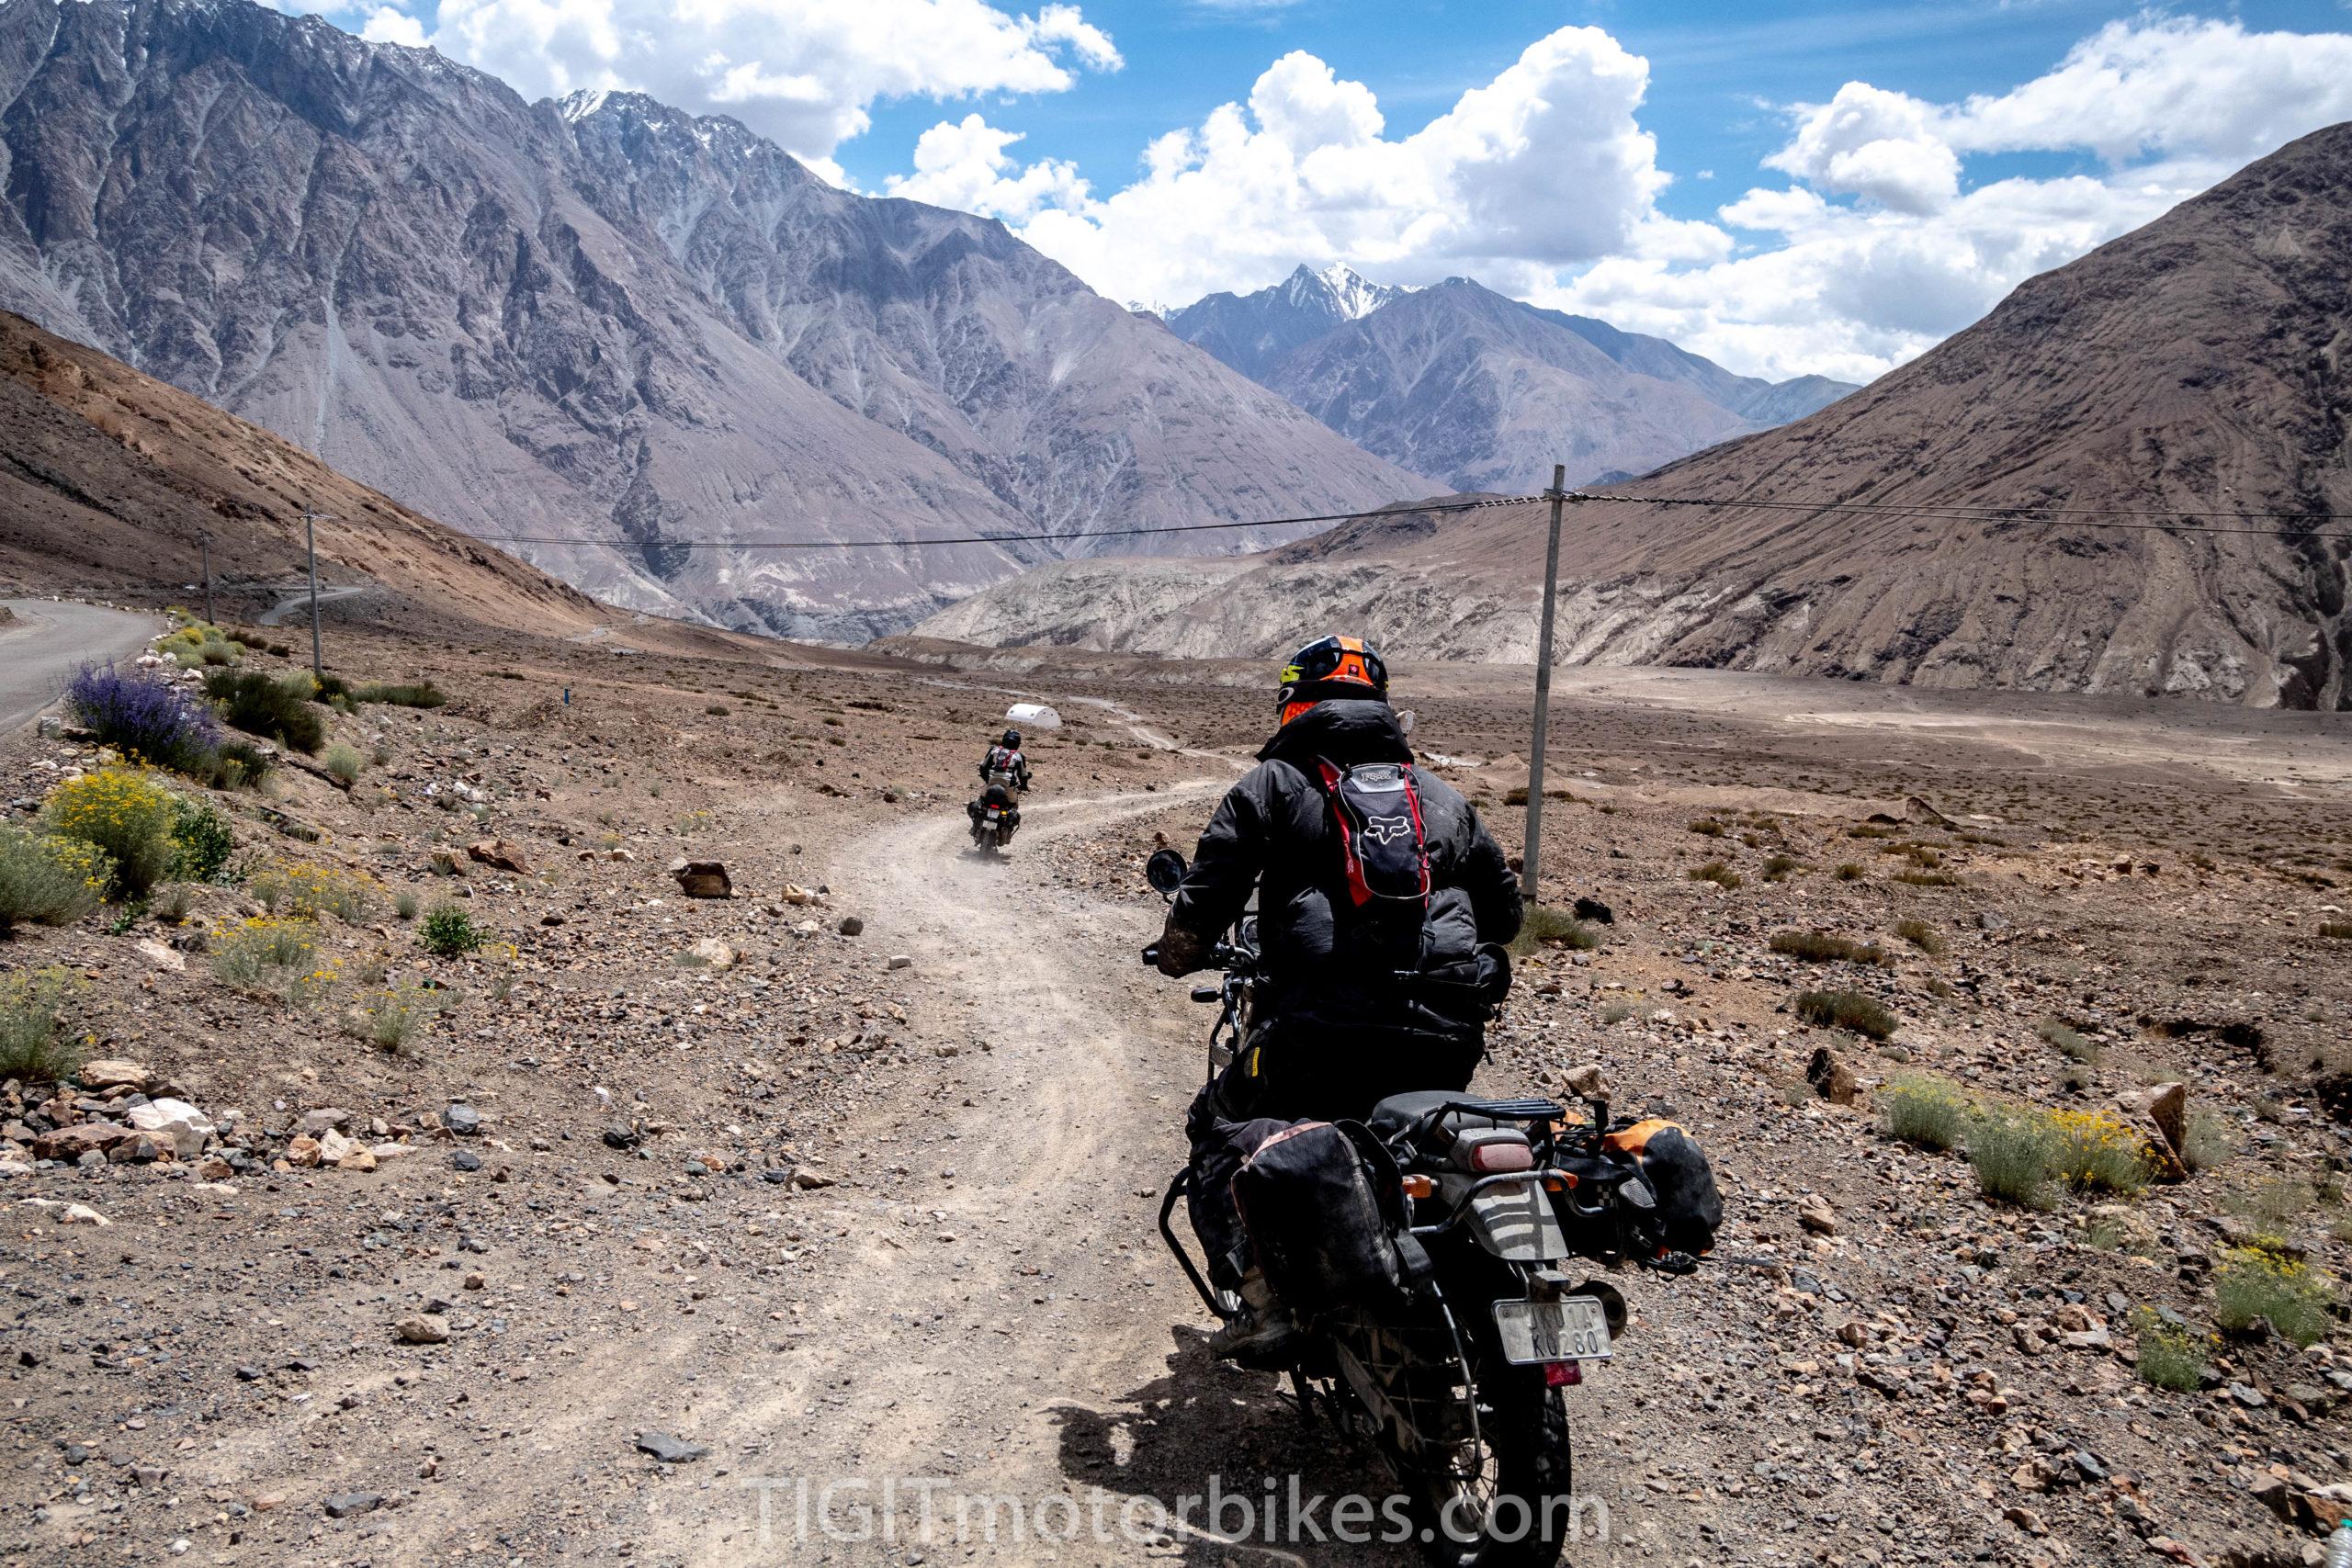 du lịch bằng xe máy qua dãy Himalaya ở Ấn Độ